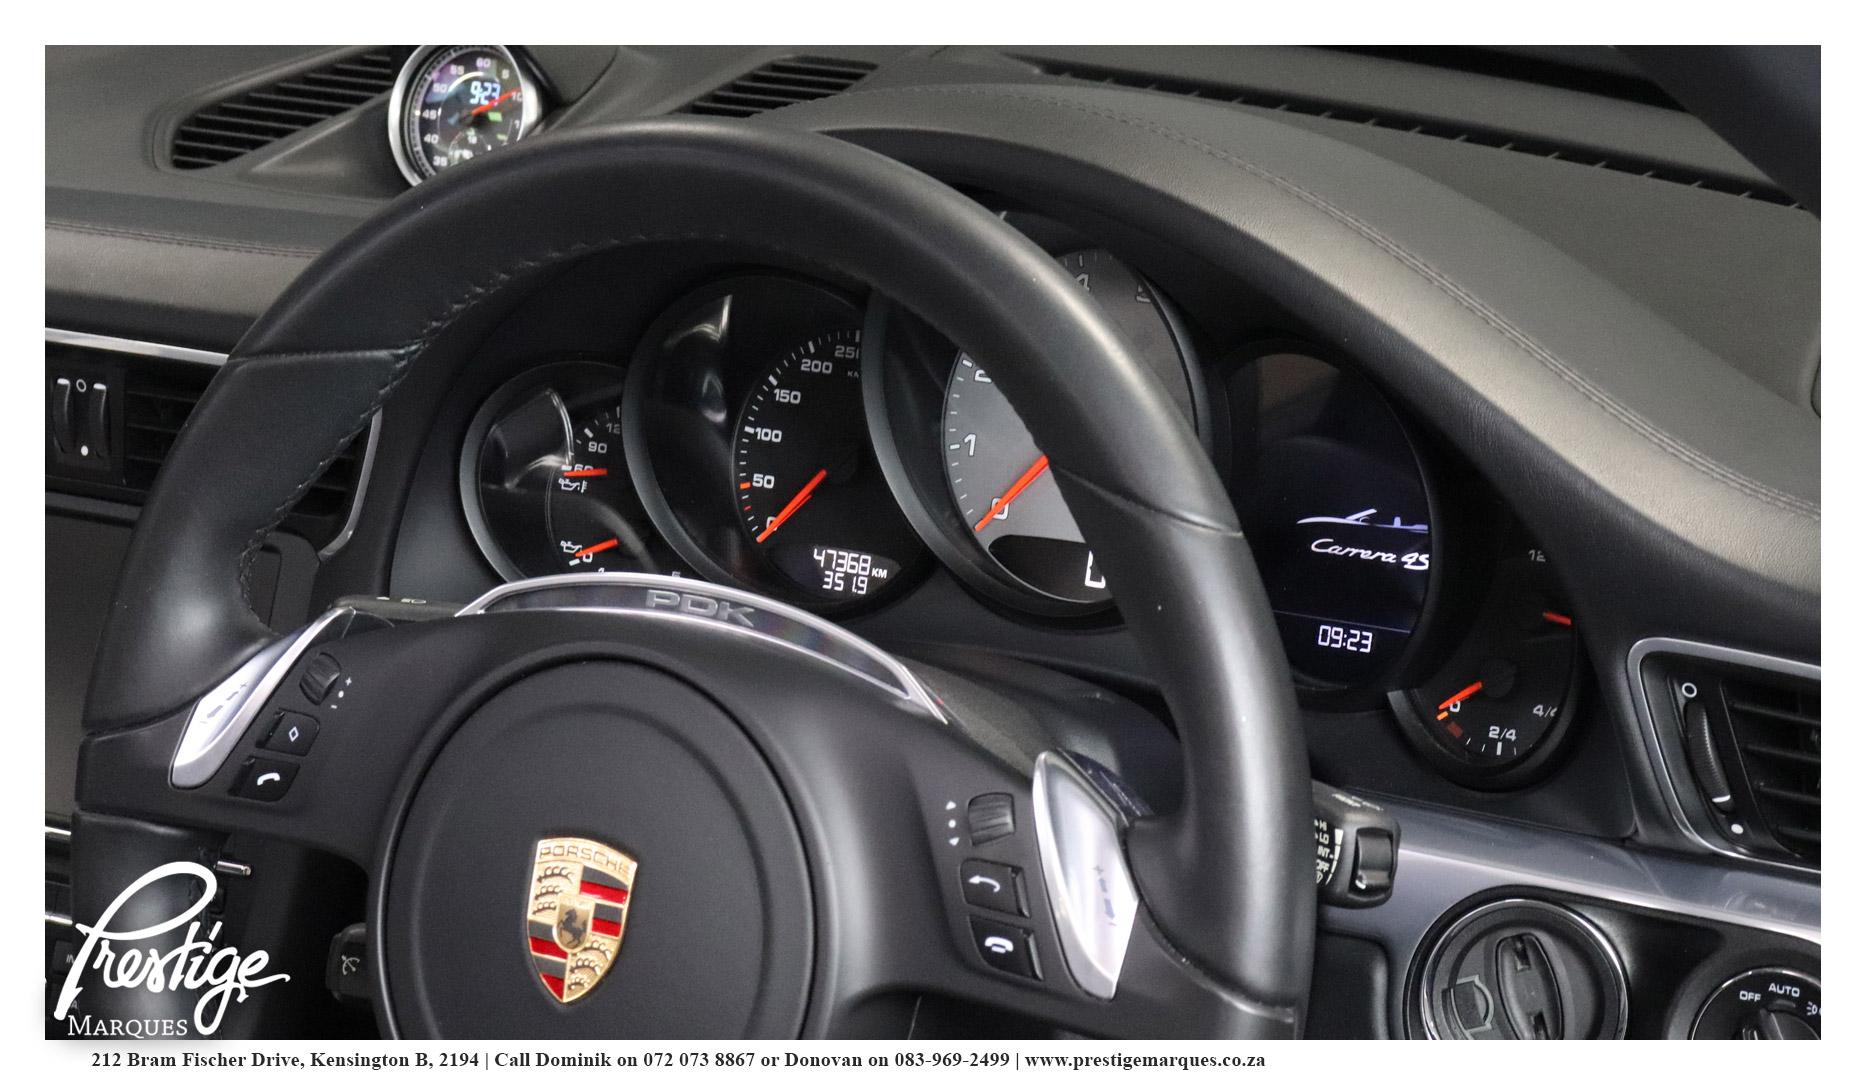 2013-Porsche-911-991-Carrera-4s-PDK-Cabriolet-Prestige-Marques-Randburg-Sandton-21